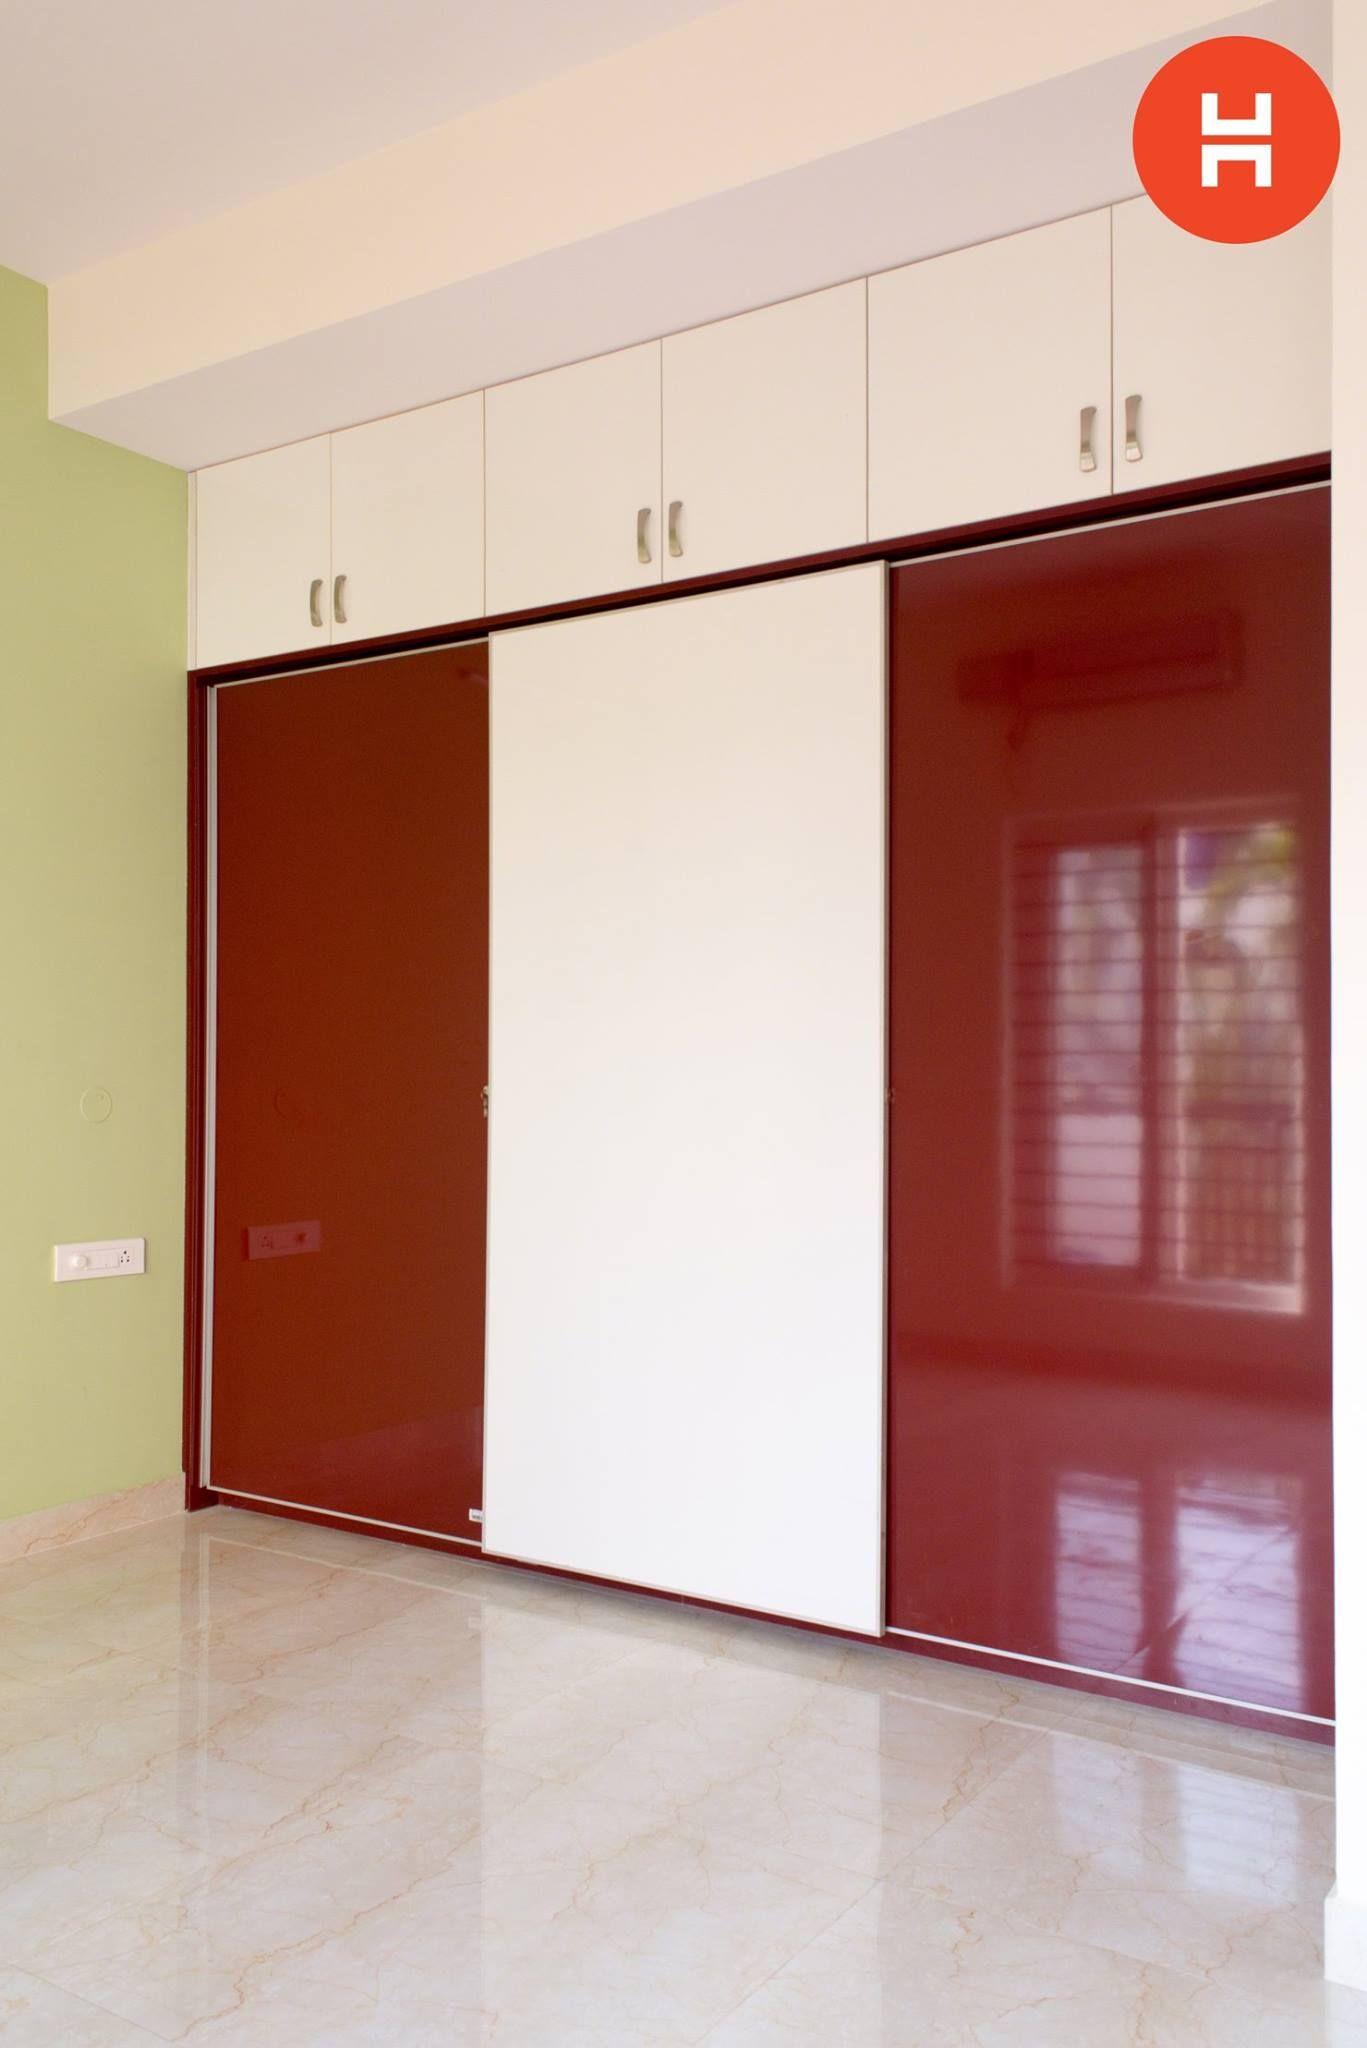 Modular Wardrobe pinhomelane on modular wardrobes   pinterest   modular wardrobes